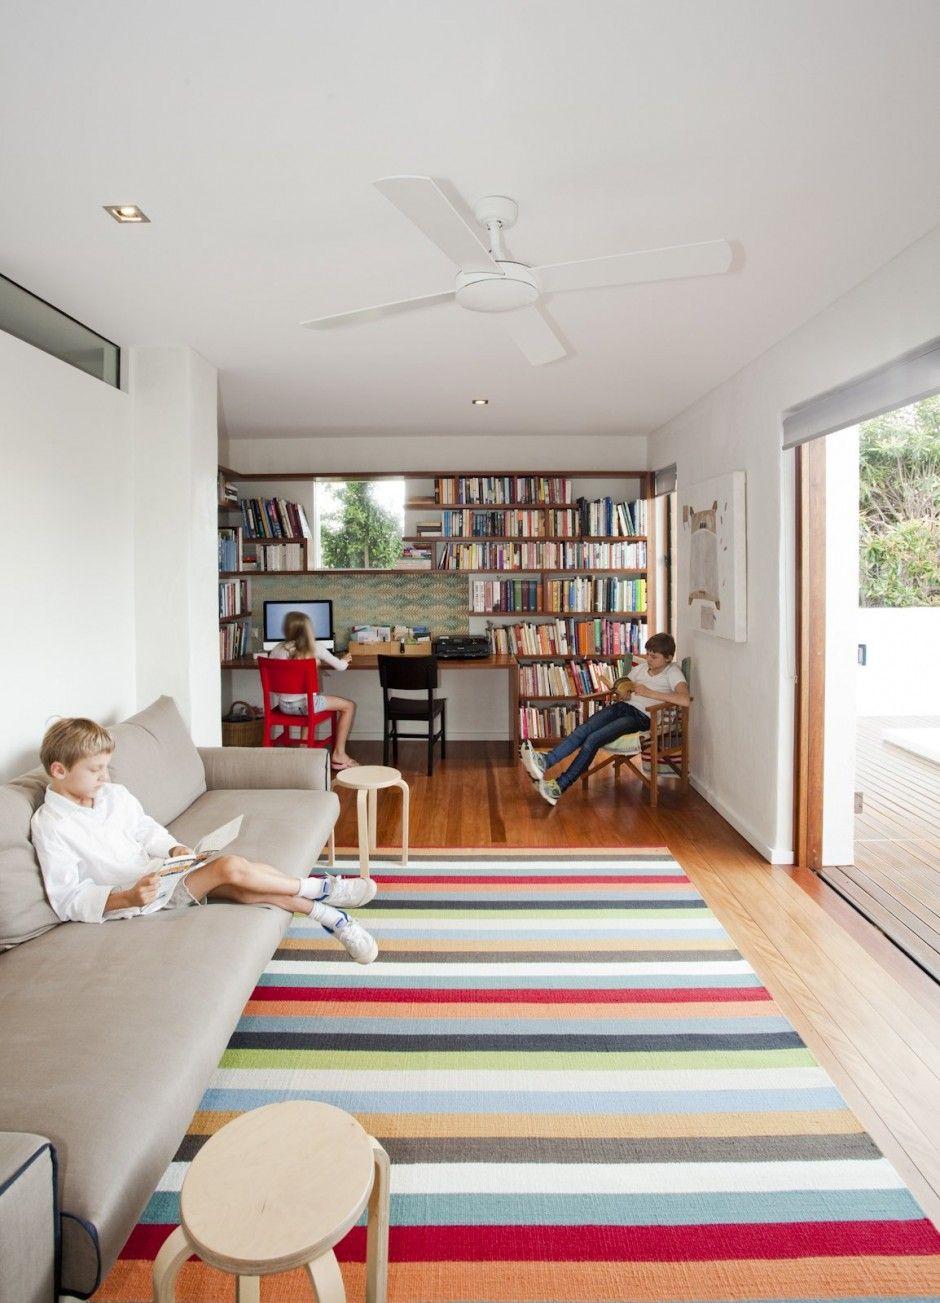 Memanfaatkan Loteng Rumah | Living Room Idea | Pinterest | Living Room  Ideas, Room Ideas And Living Rooms